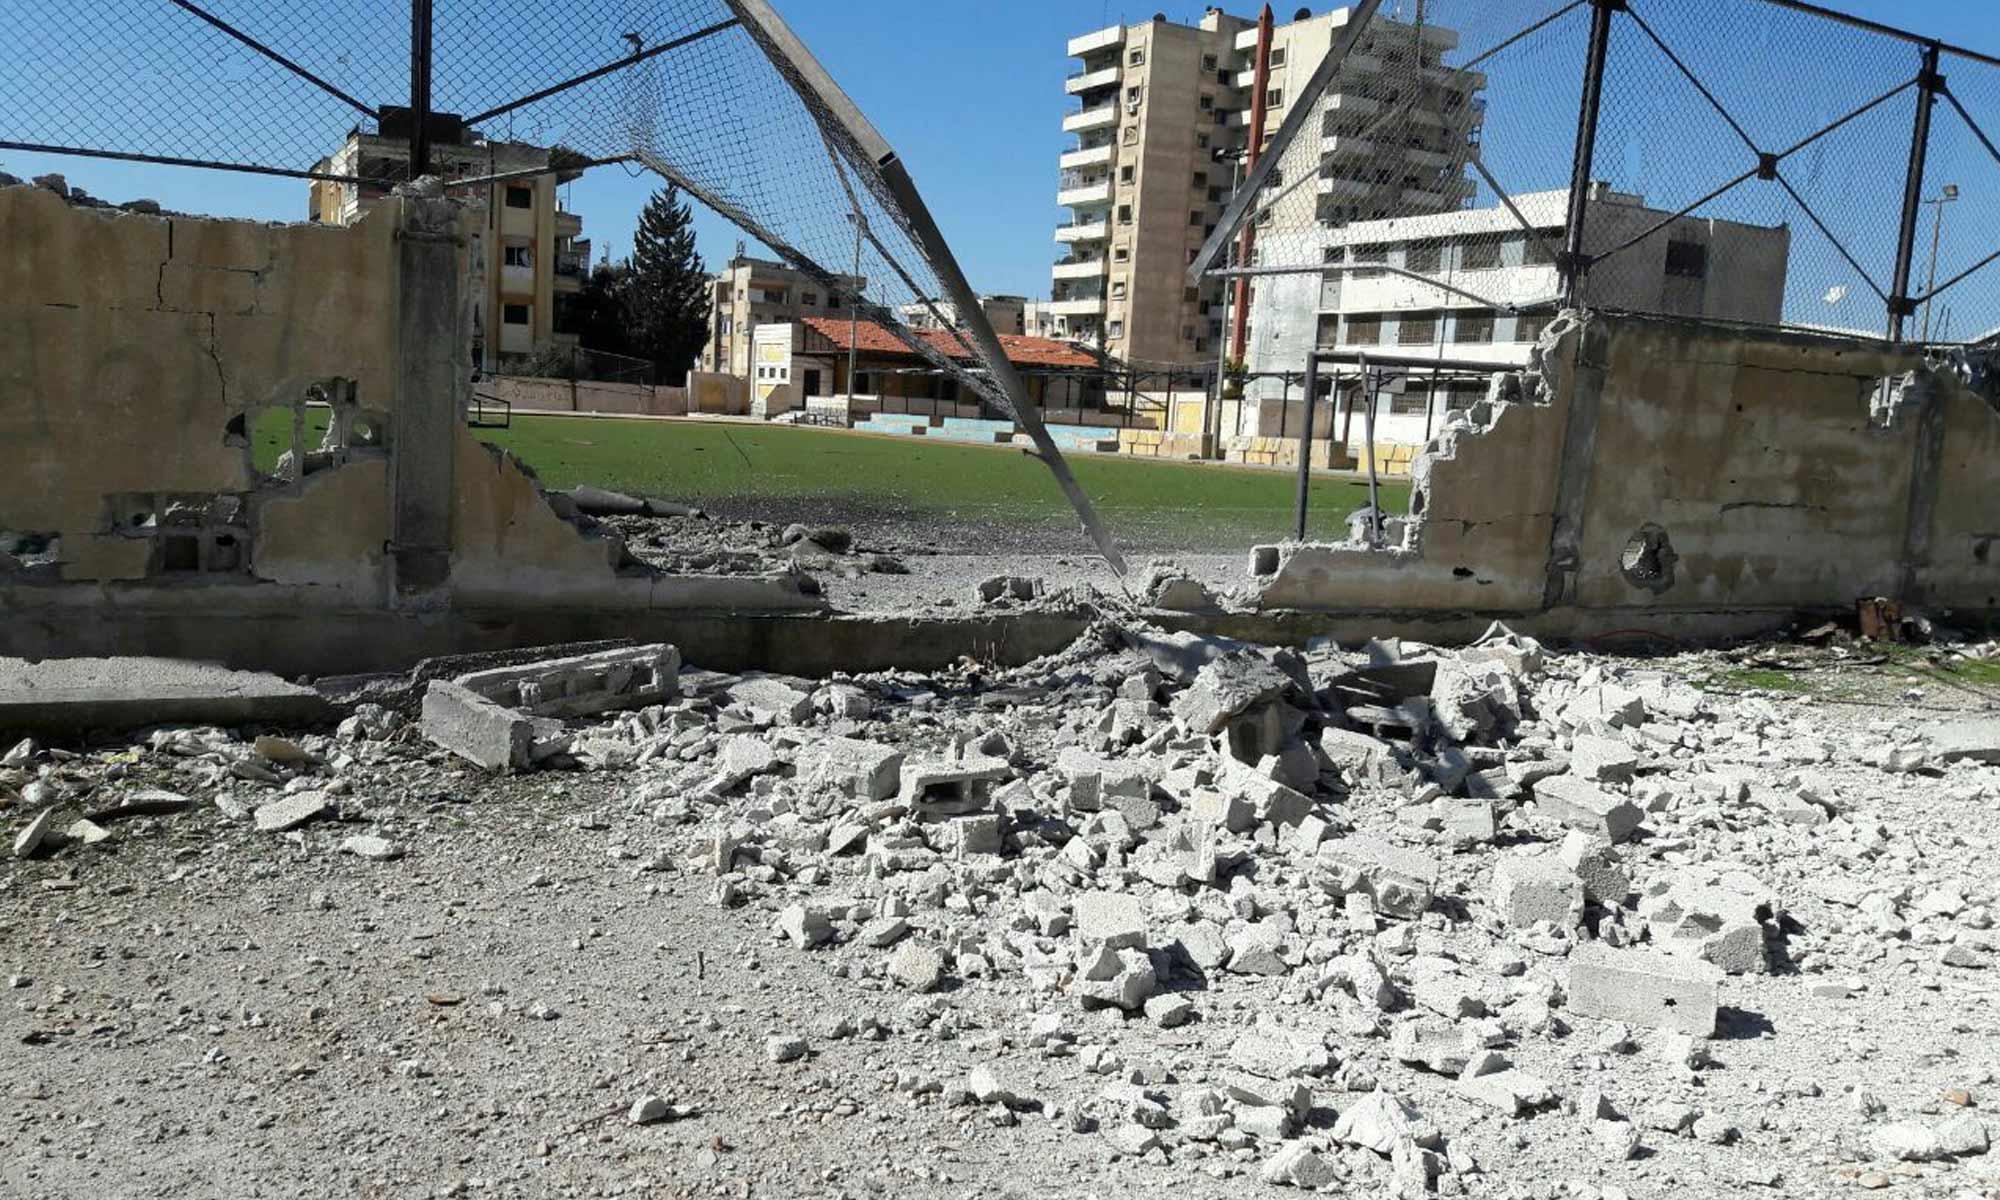 آثار قصف الطيران الحربي على حي الوعر المحاصر_17 شباط 2017_(عنب بلدي)